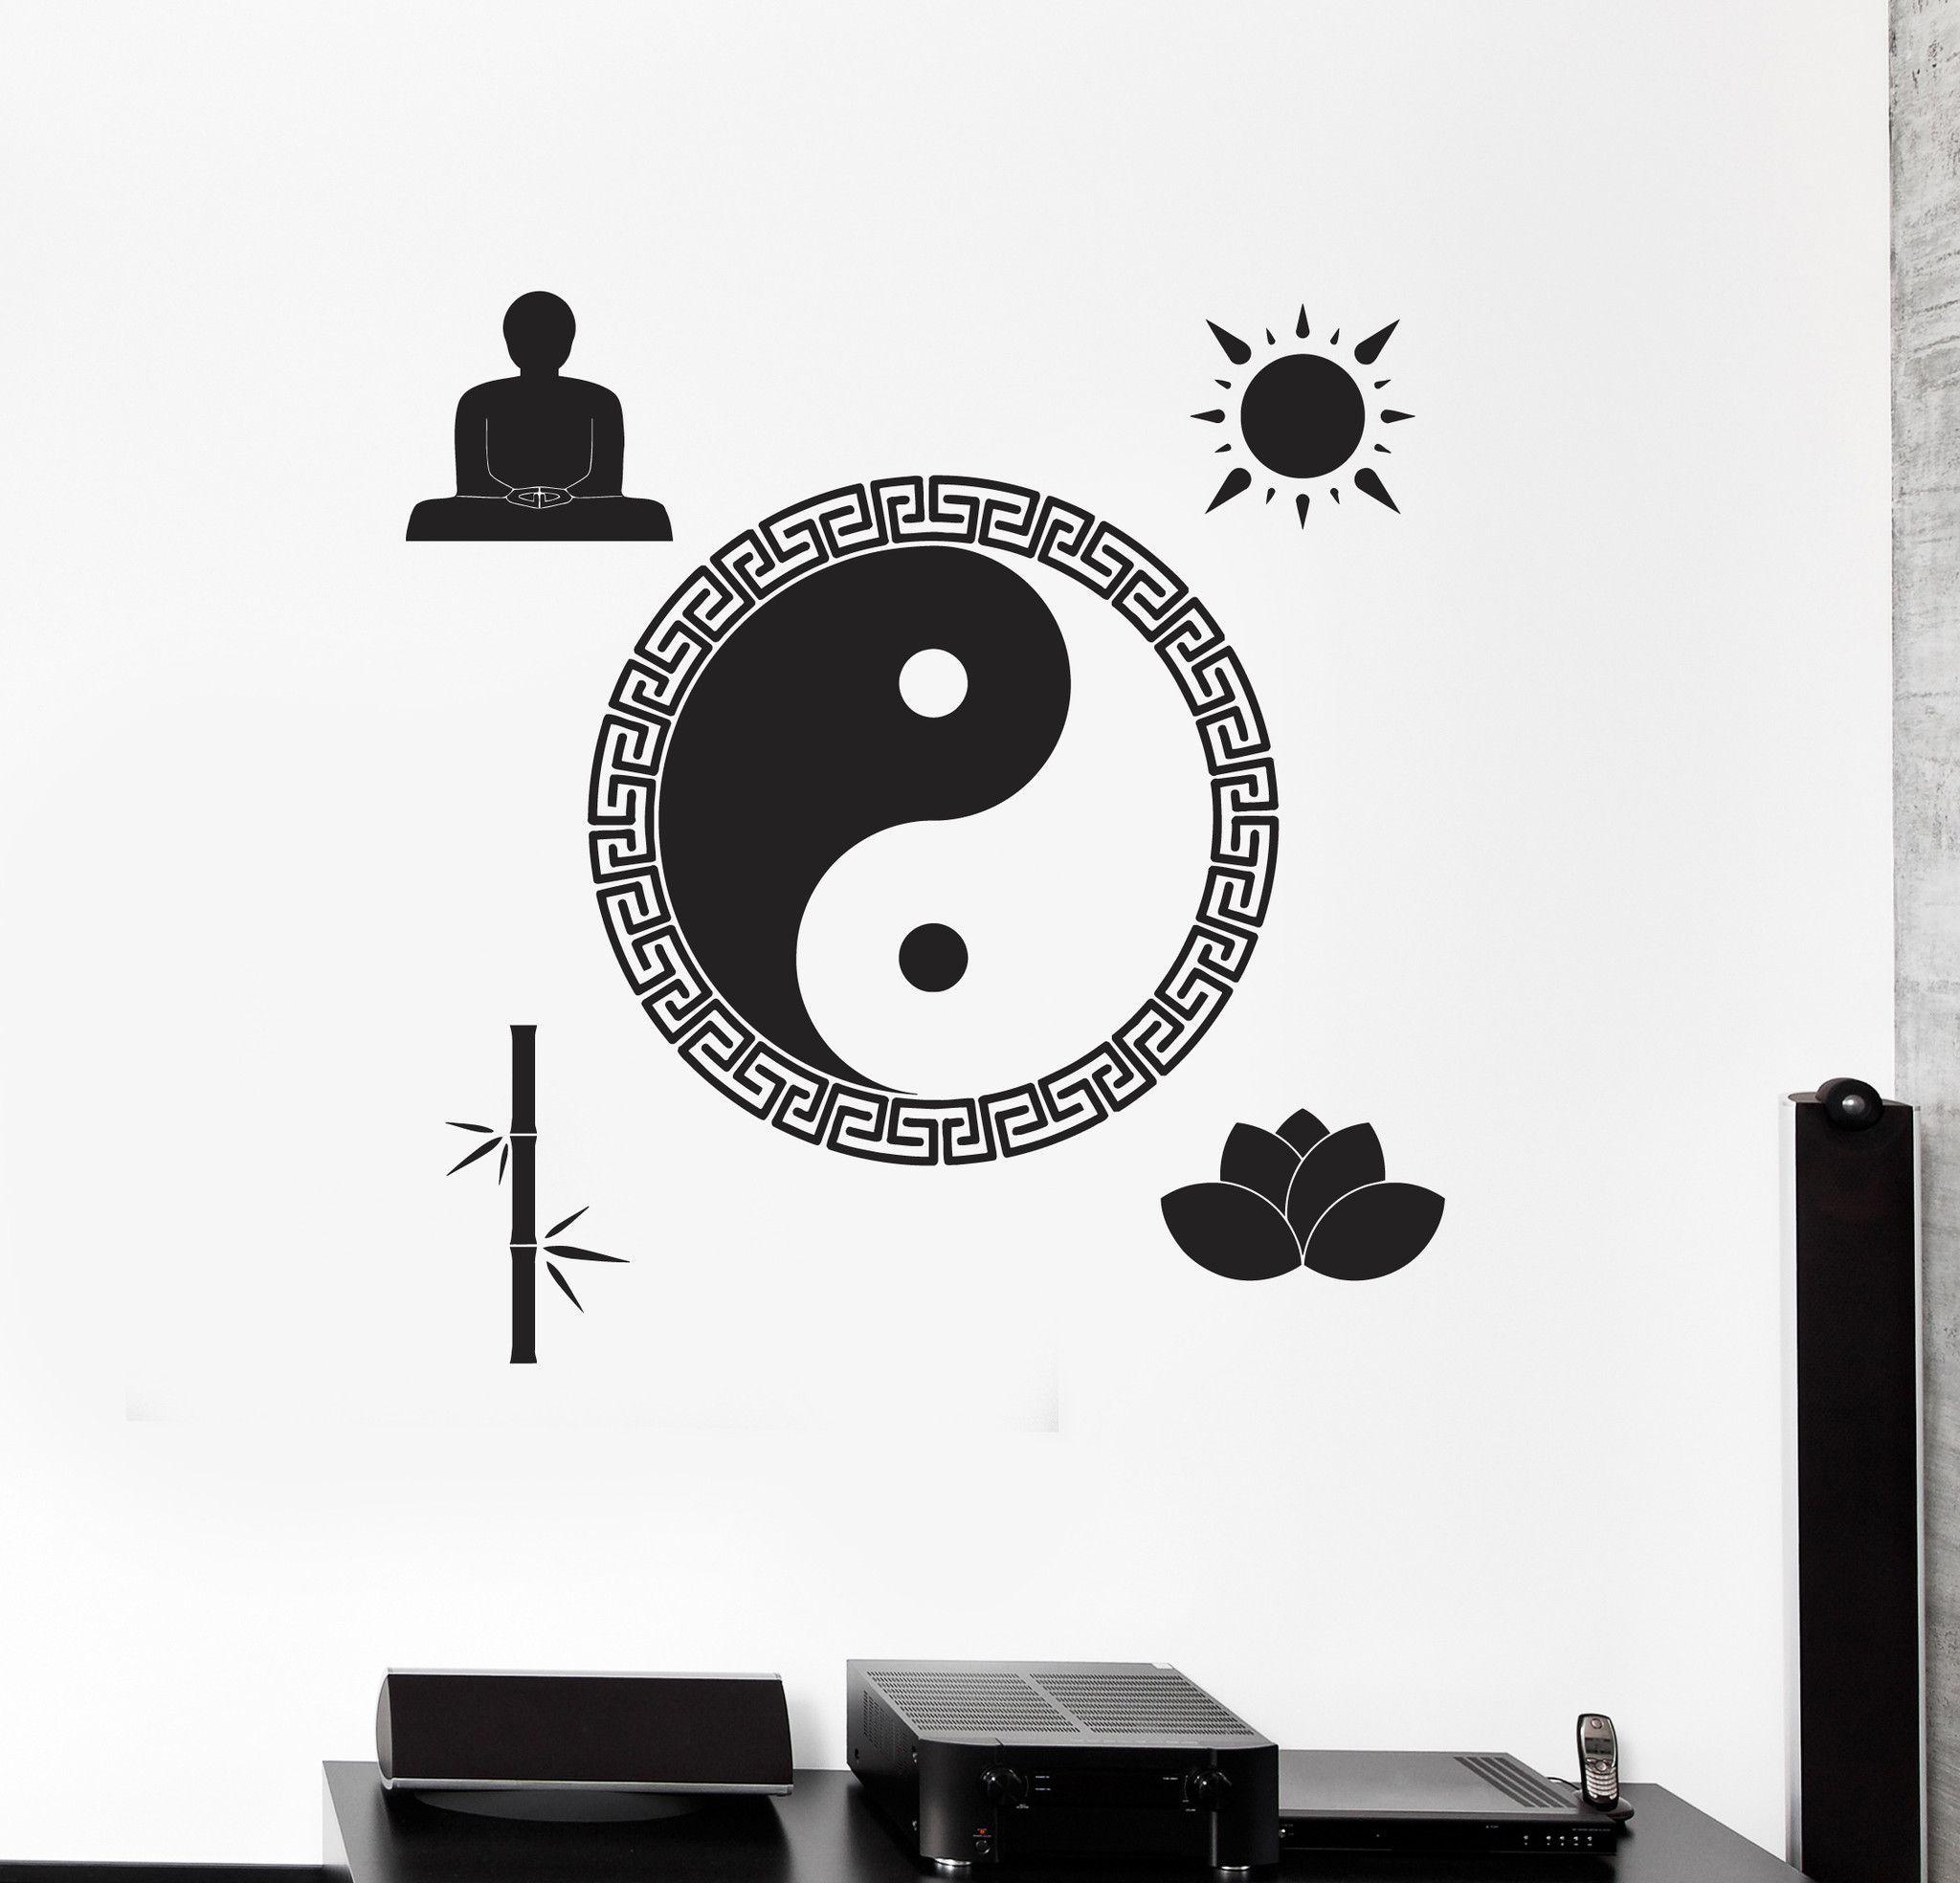 Vinyl Wall Decal Yin Yang Buddha Zen Meditation Room Stickers - Zen wall decalsvinyl wall decal yin yang yoga zen meditation bedroom decor